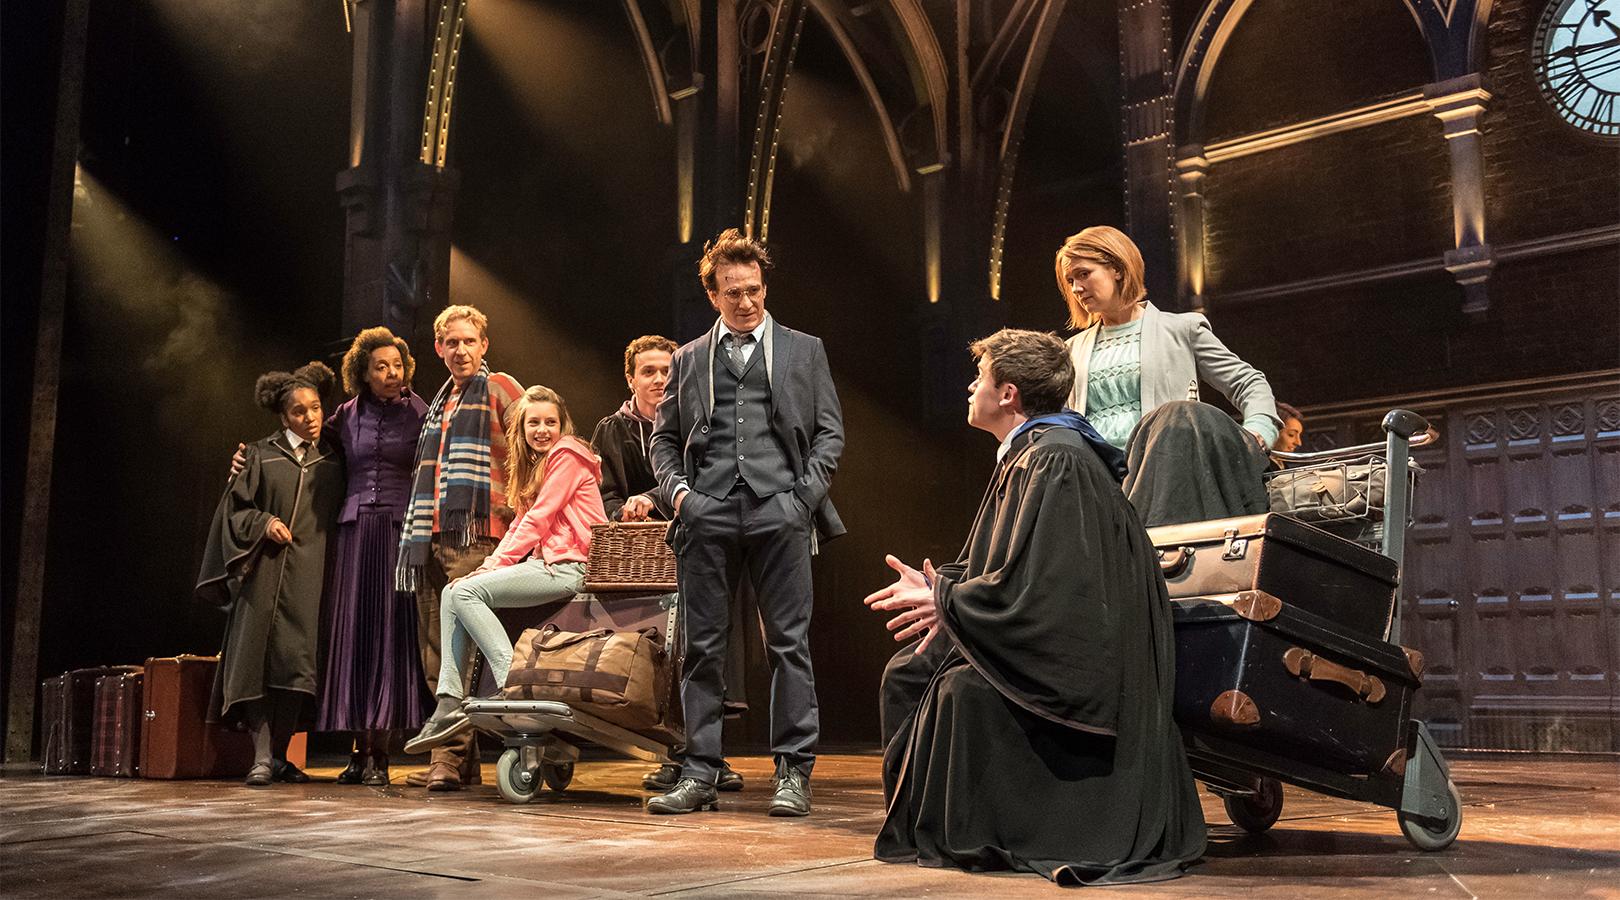 Famílias Weasley e Potter na estação em King's Cross